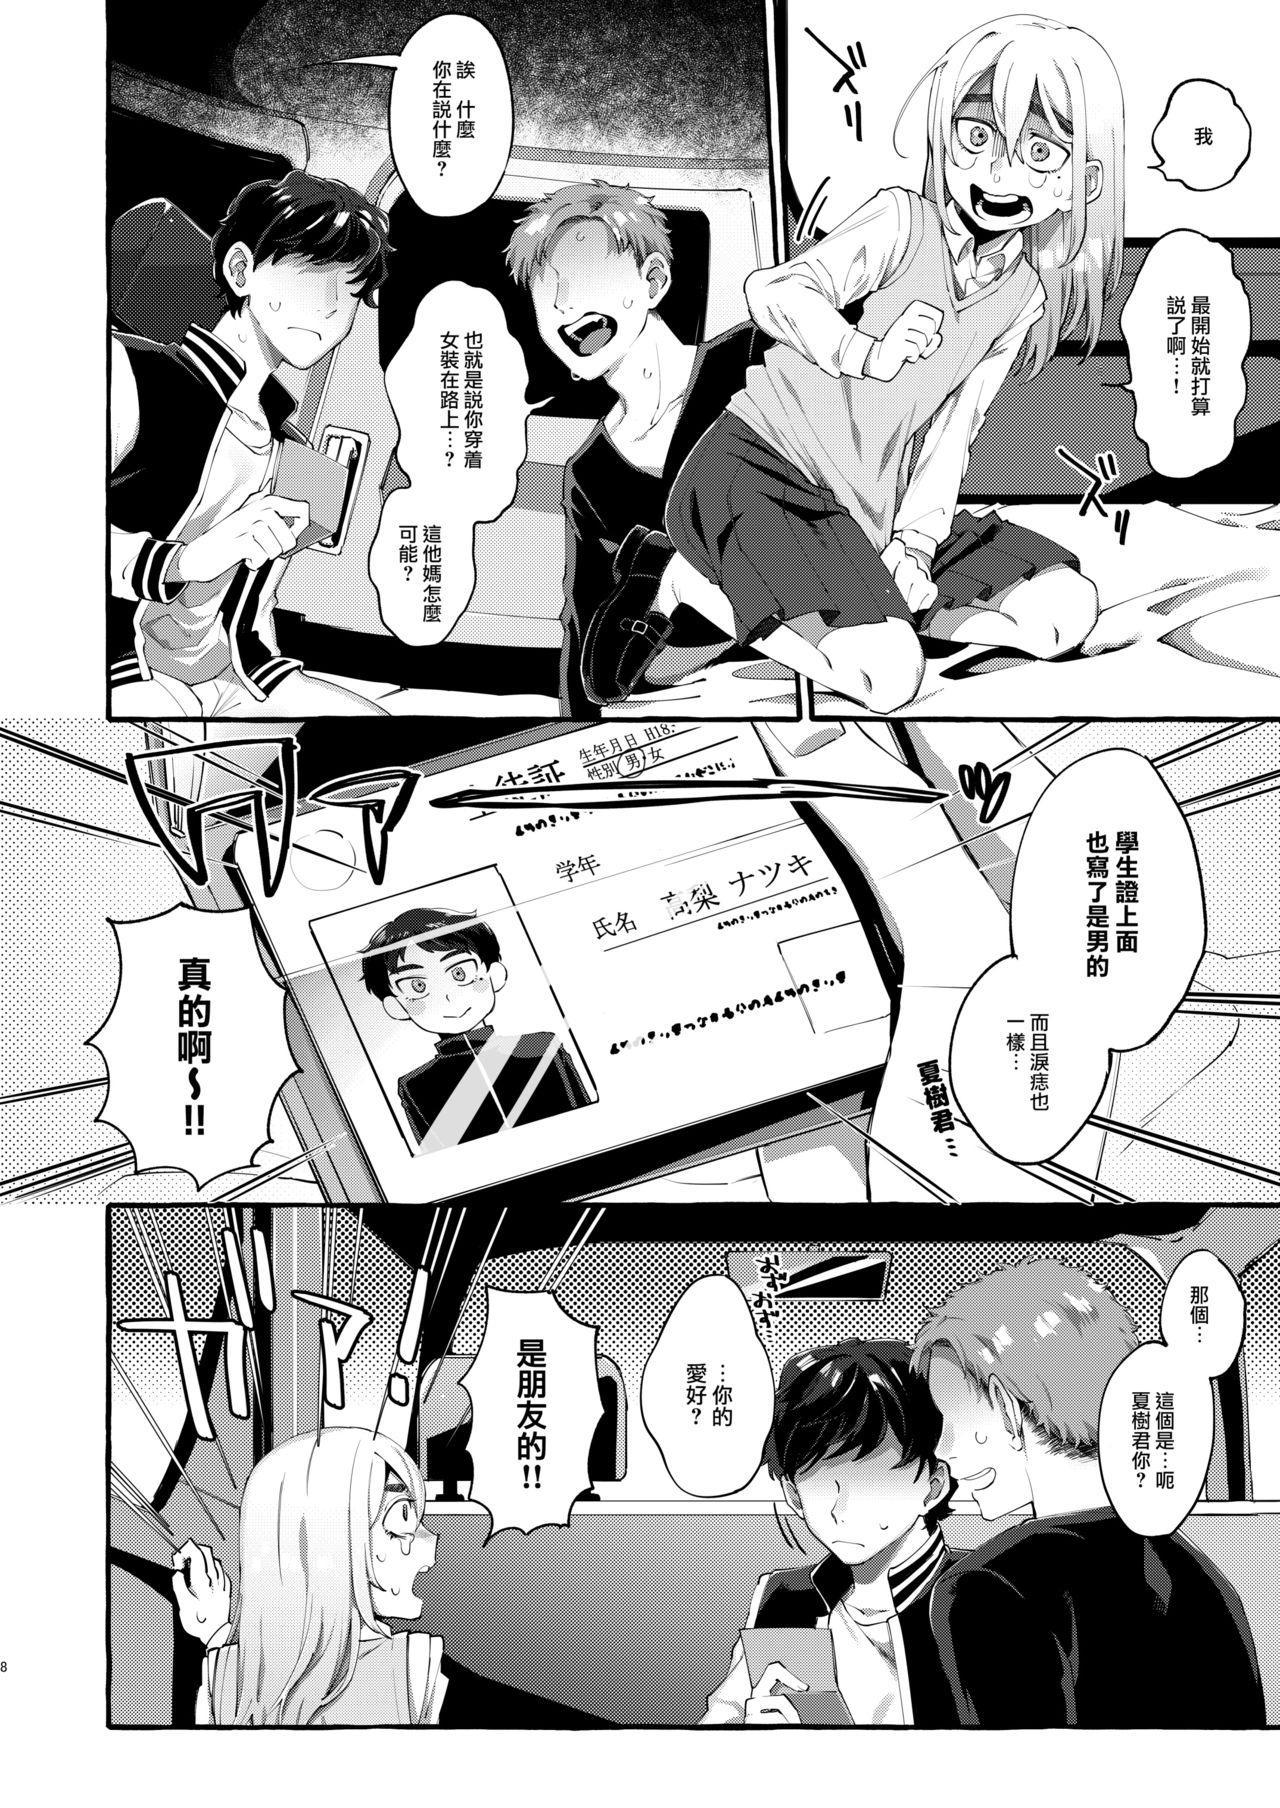 Joshigakusei o Rachi Yuukai Shita to Omottara Otokonoko datta. | 本以为诱拐了女学生却发现是伪娘。 7